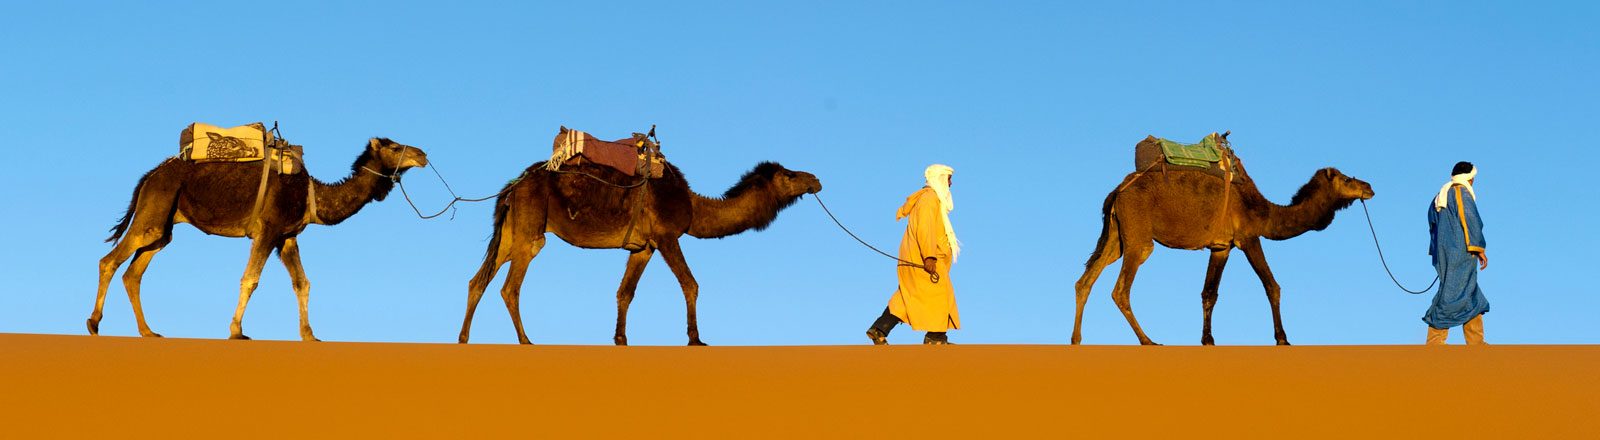 Eine Karawane auf einer Sanddüne